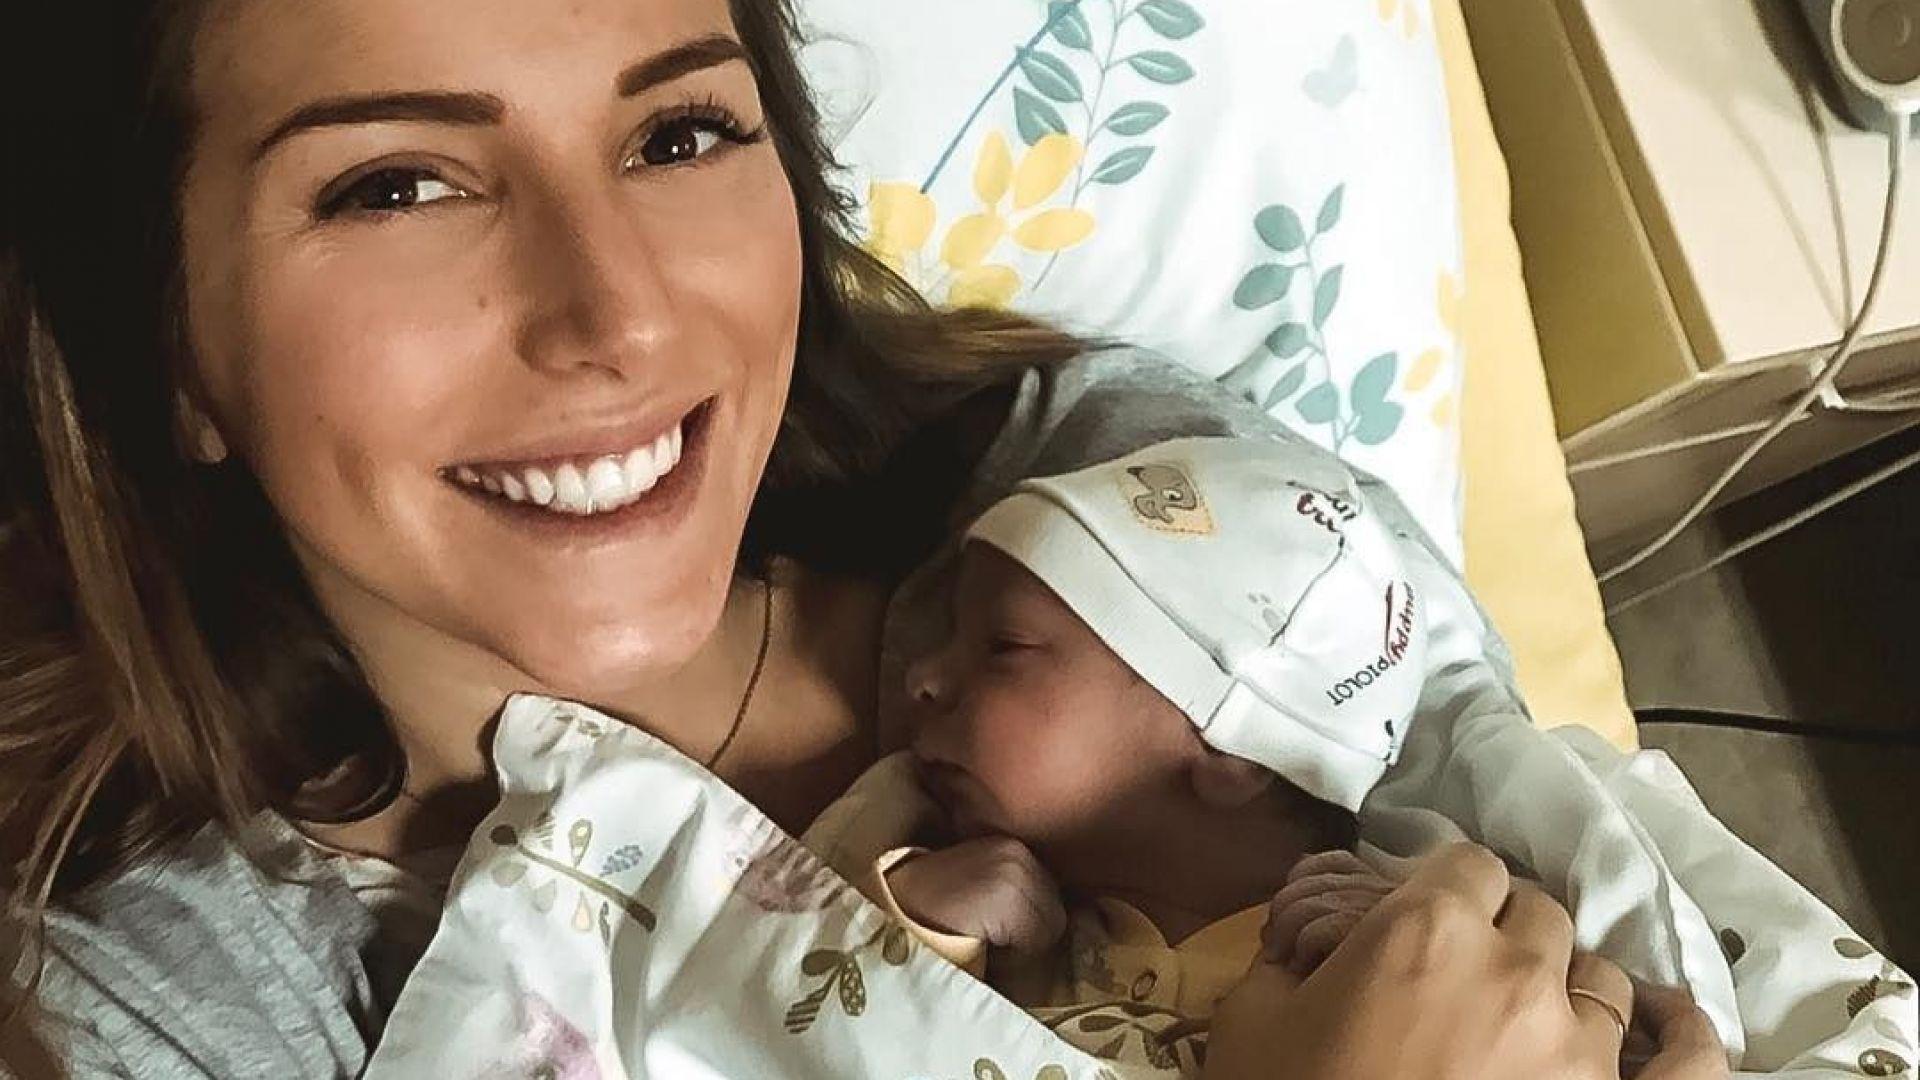 Бебето на Петканови със собствен профил в Инстаграм